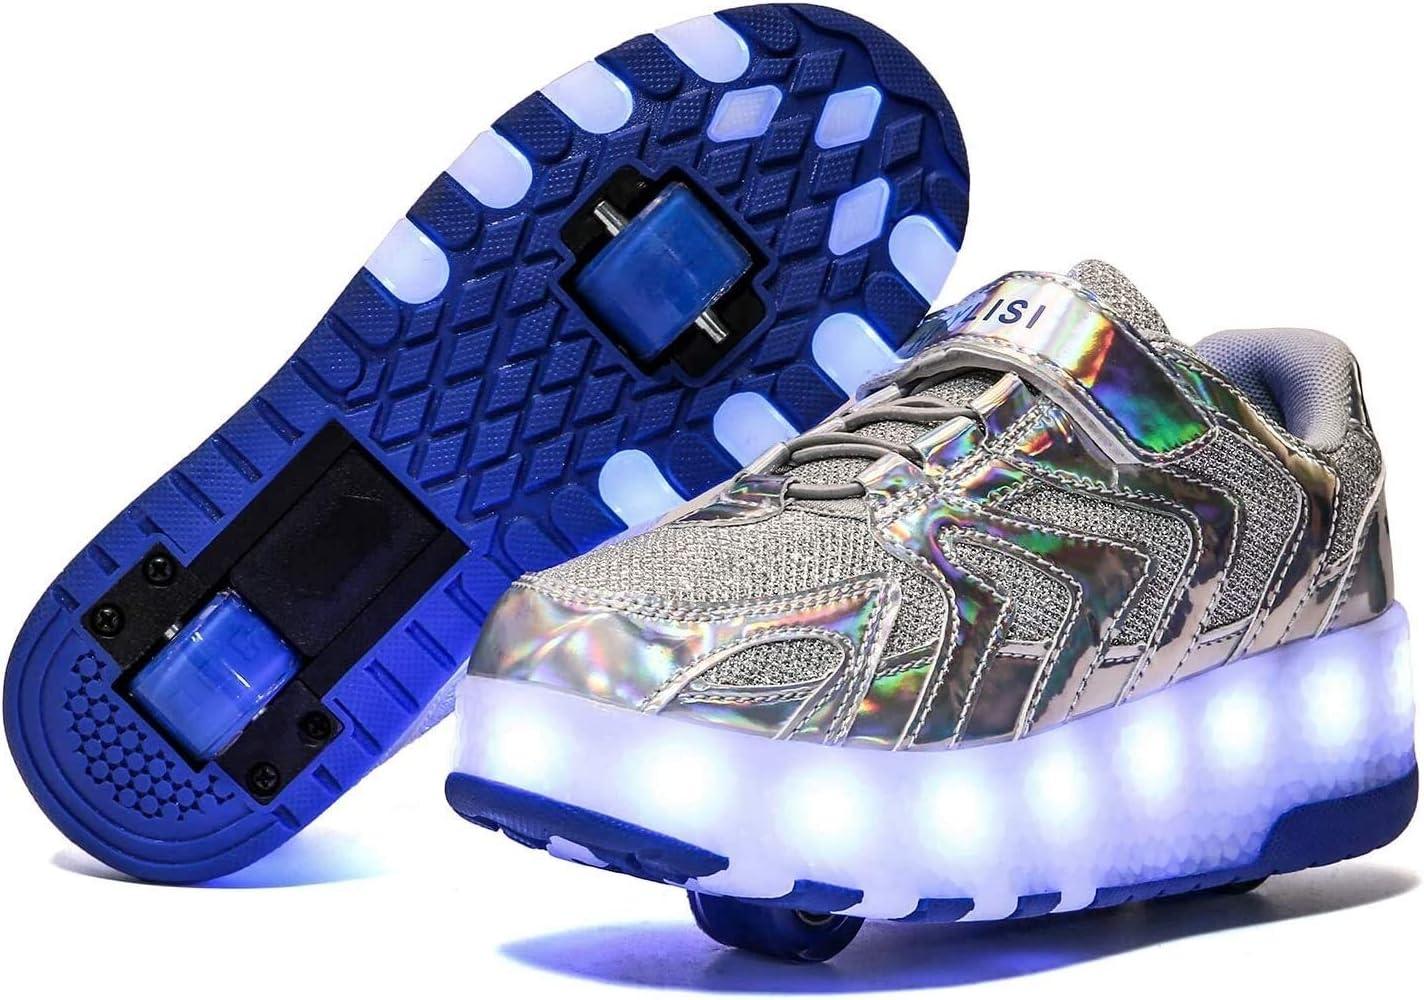 jp: Wheel Roller Skateboard Shoes